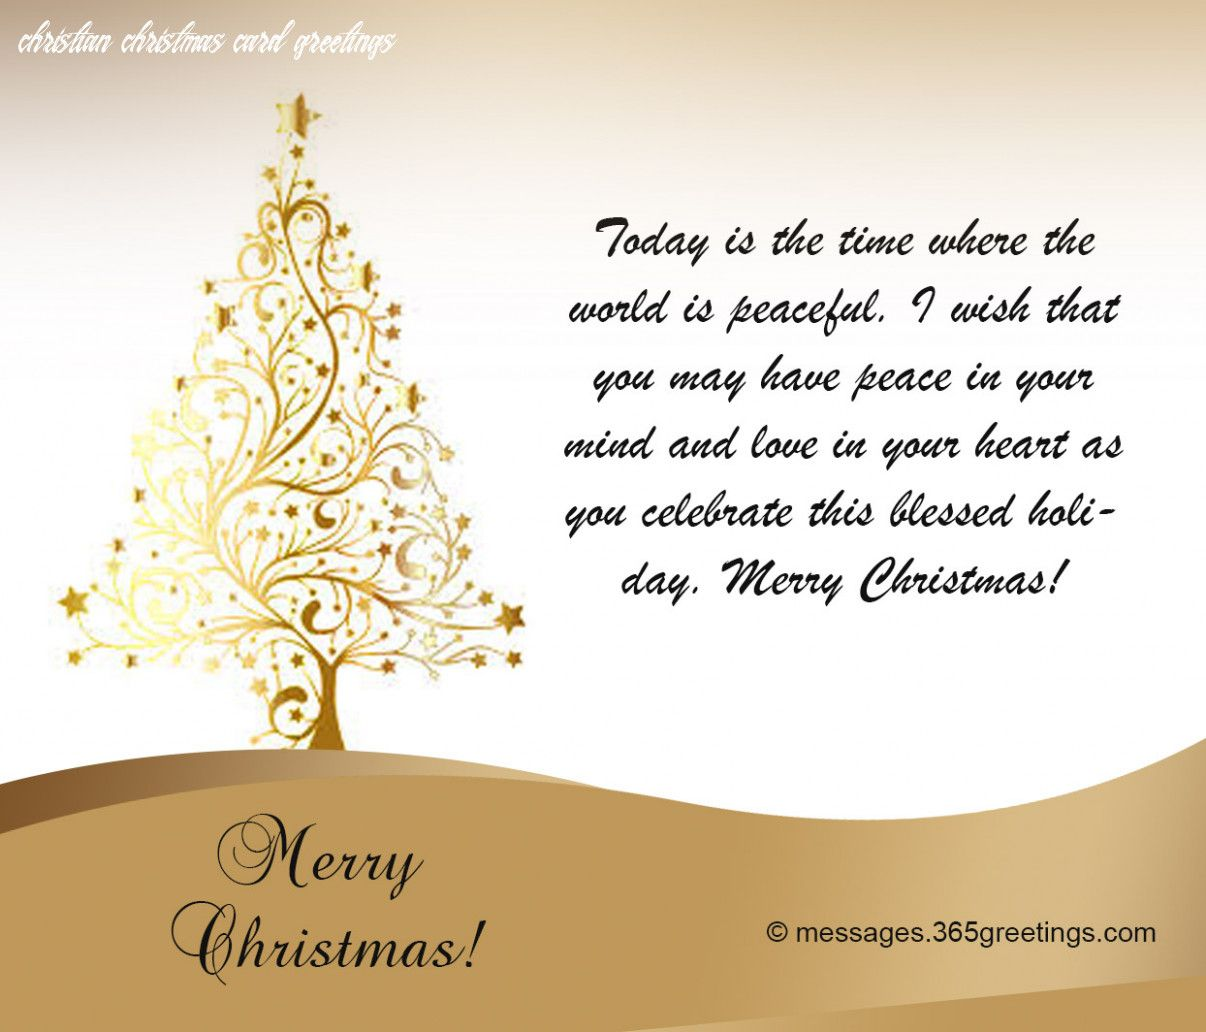 Christian Christmas Cards 2020 10 Christian Christmas Card Greetings in 2020 | Christmas card